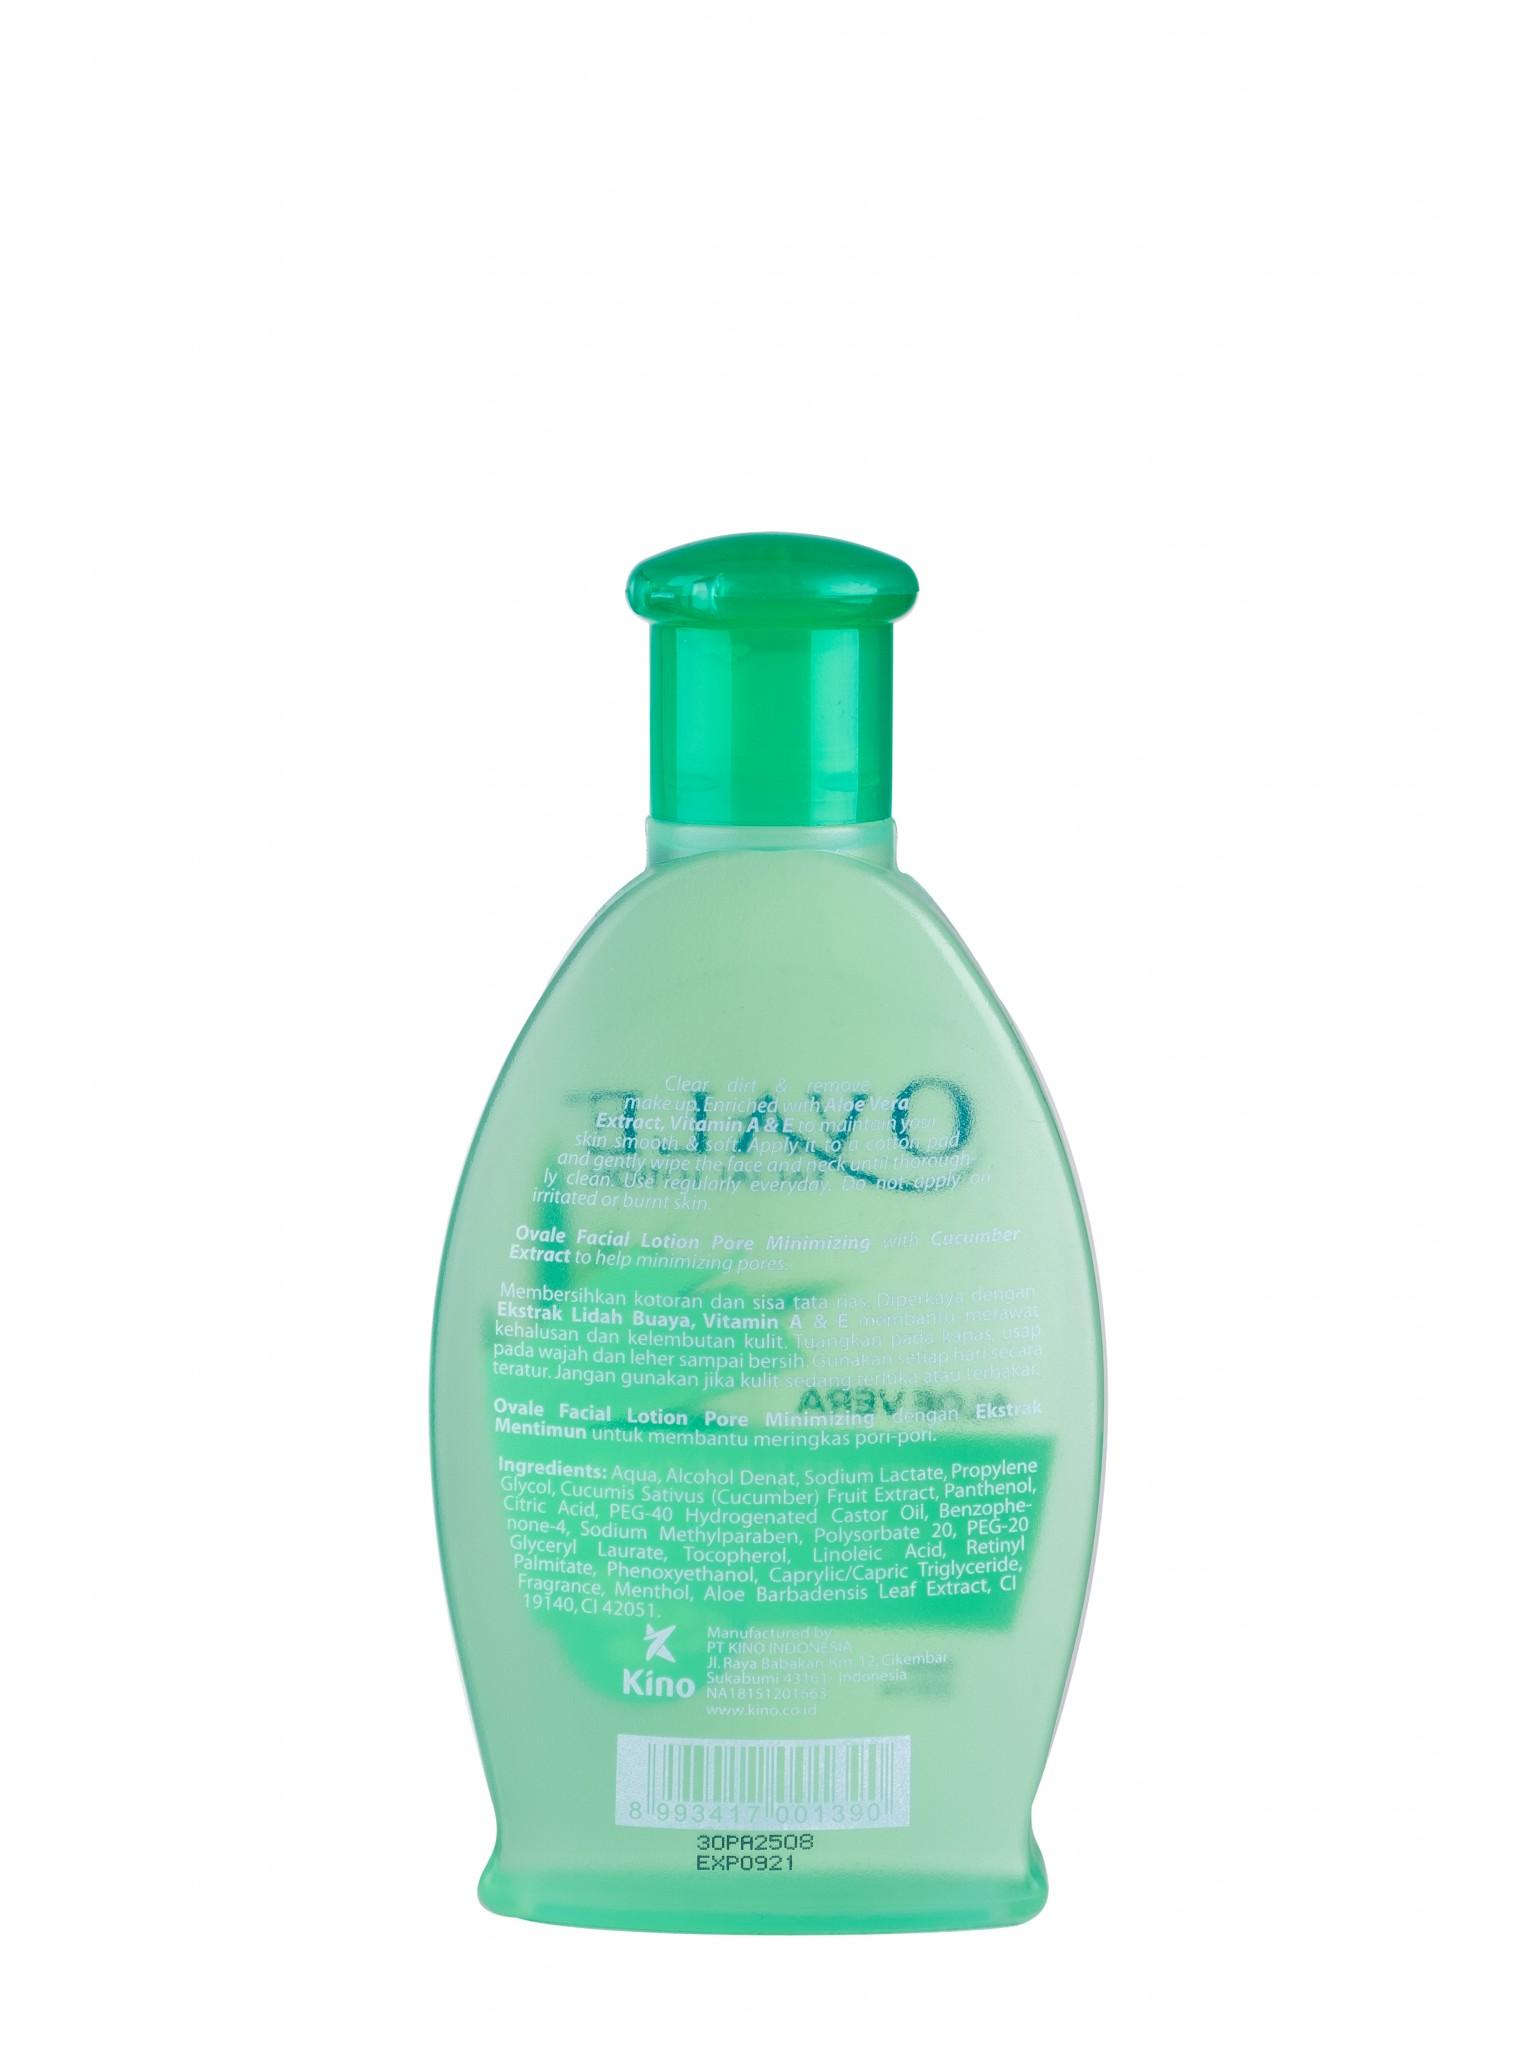 Лосьон для сужения пор на лице, очищение кожи от загрязнения и остатков макияжа, 200мл